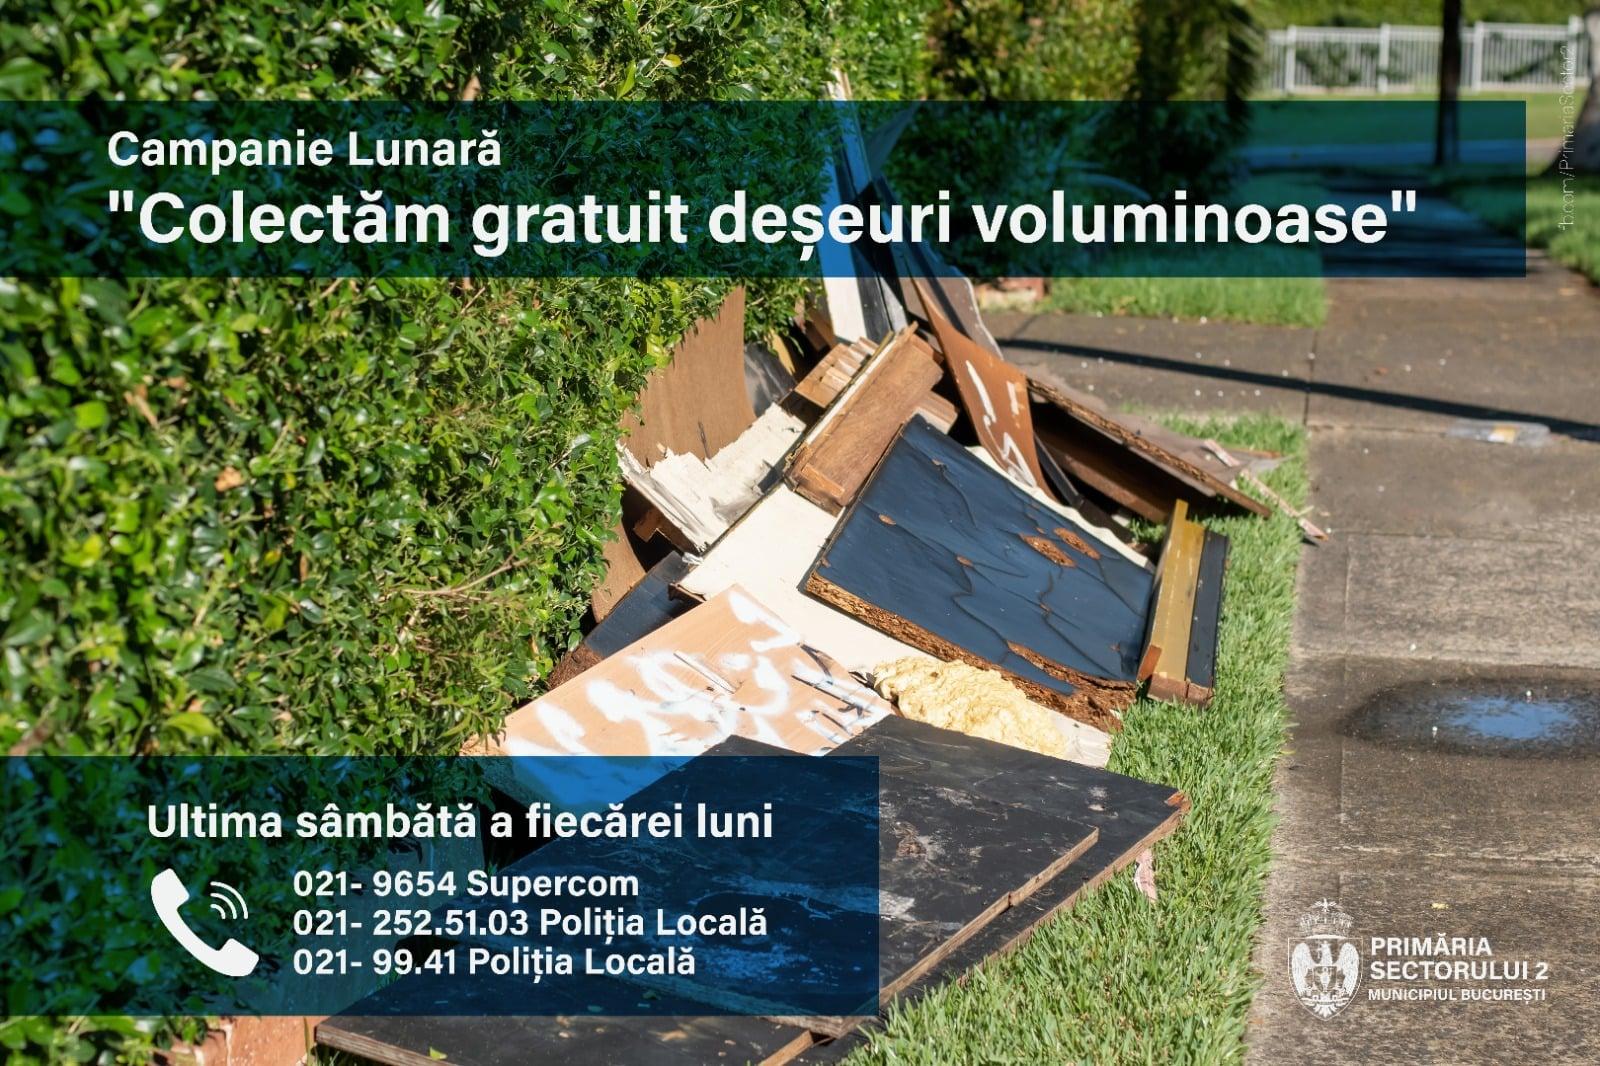 acțiune de colectare gratuită a deșeurilor voluminoase